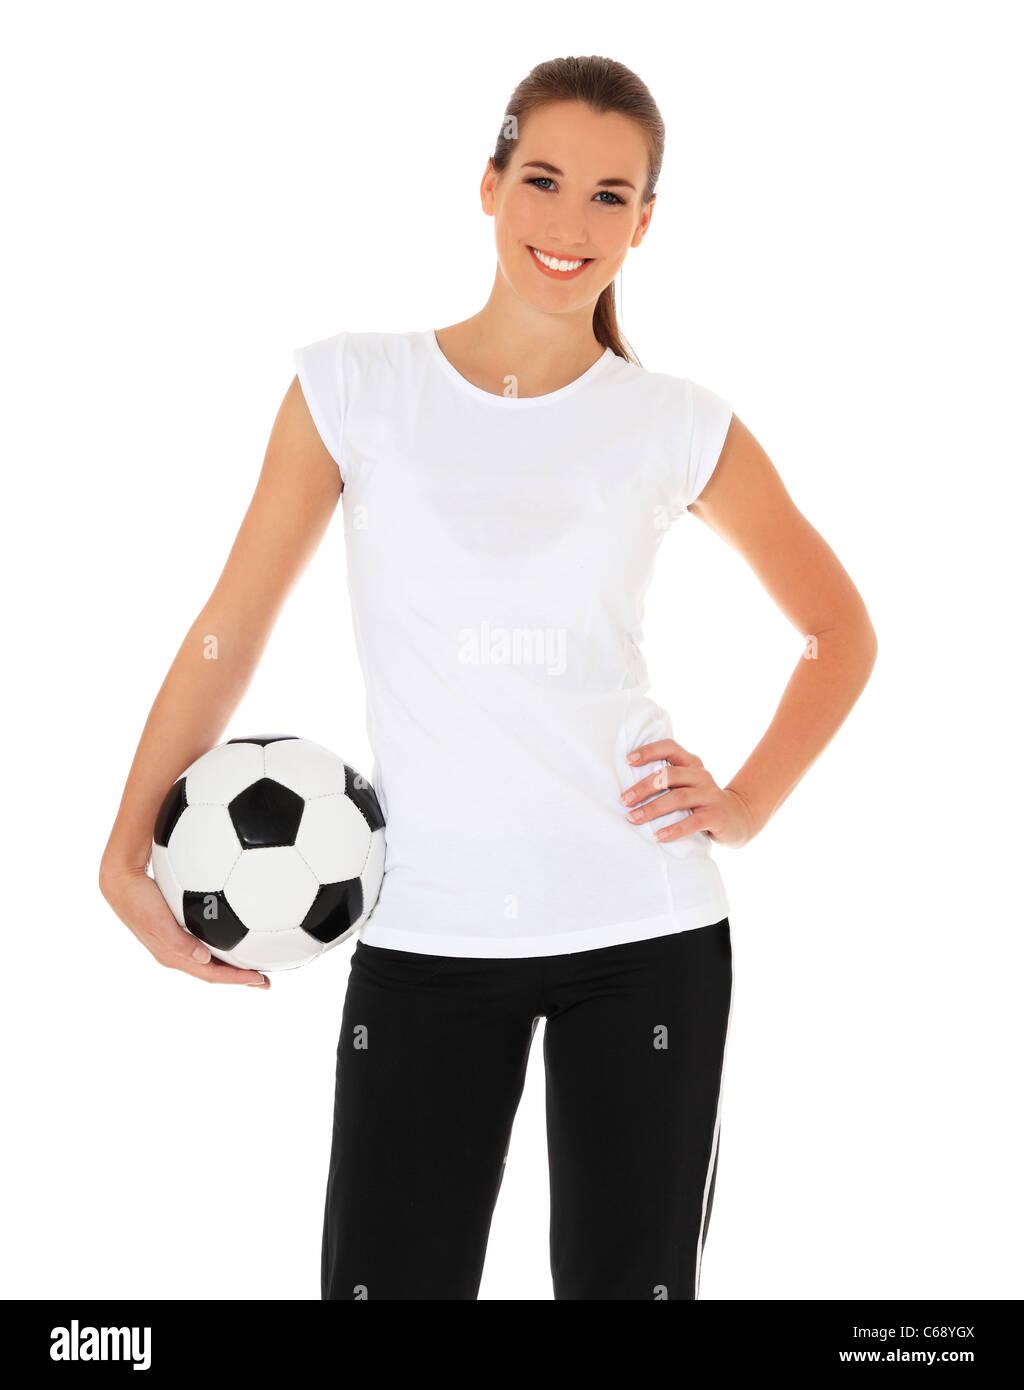 00a22d2a080dd Atractiva mujer joven en ropa deportiva sosteniendo un balón de fútbol. Todo  sobre fondo blanco.